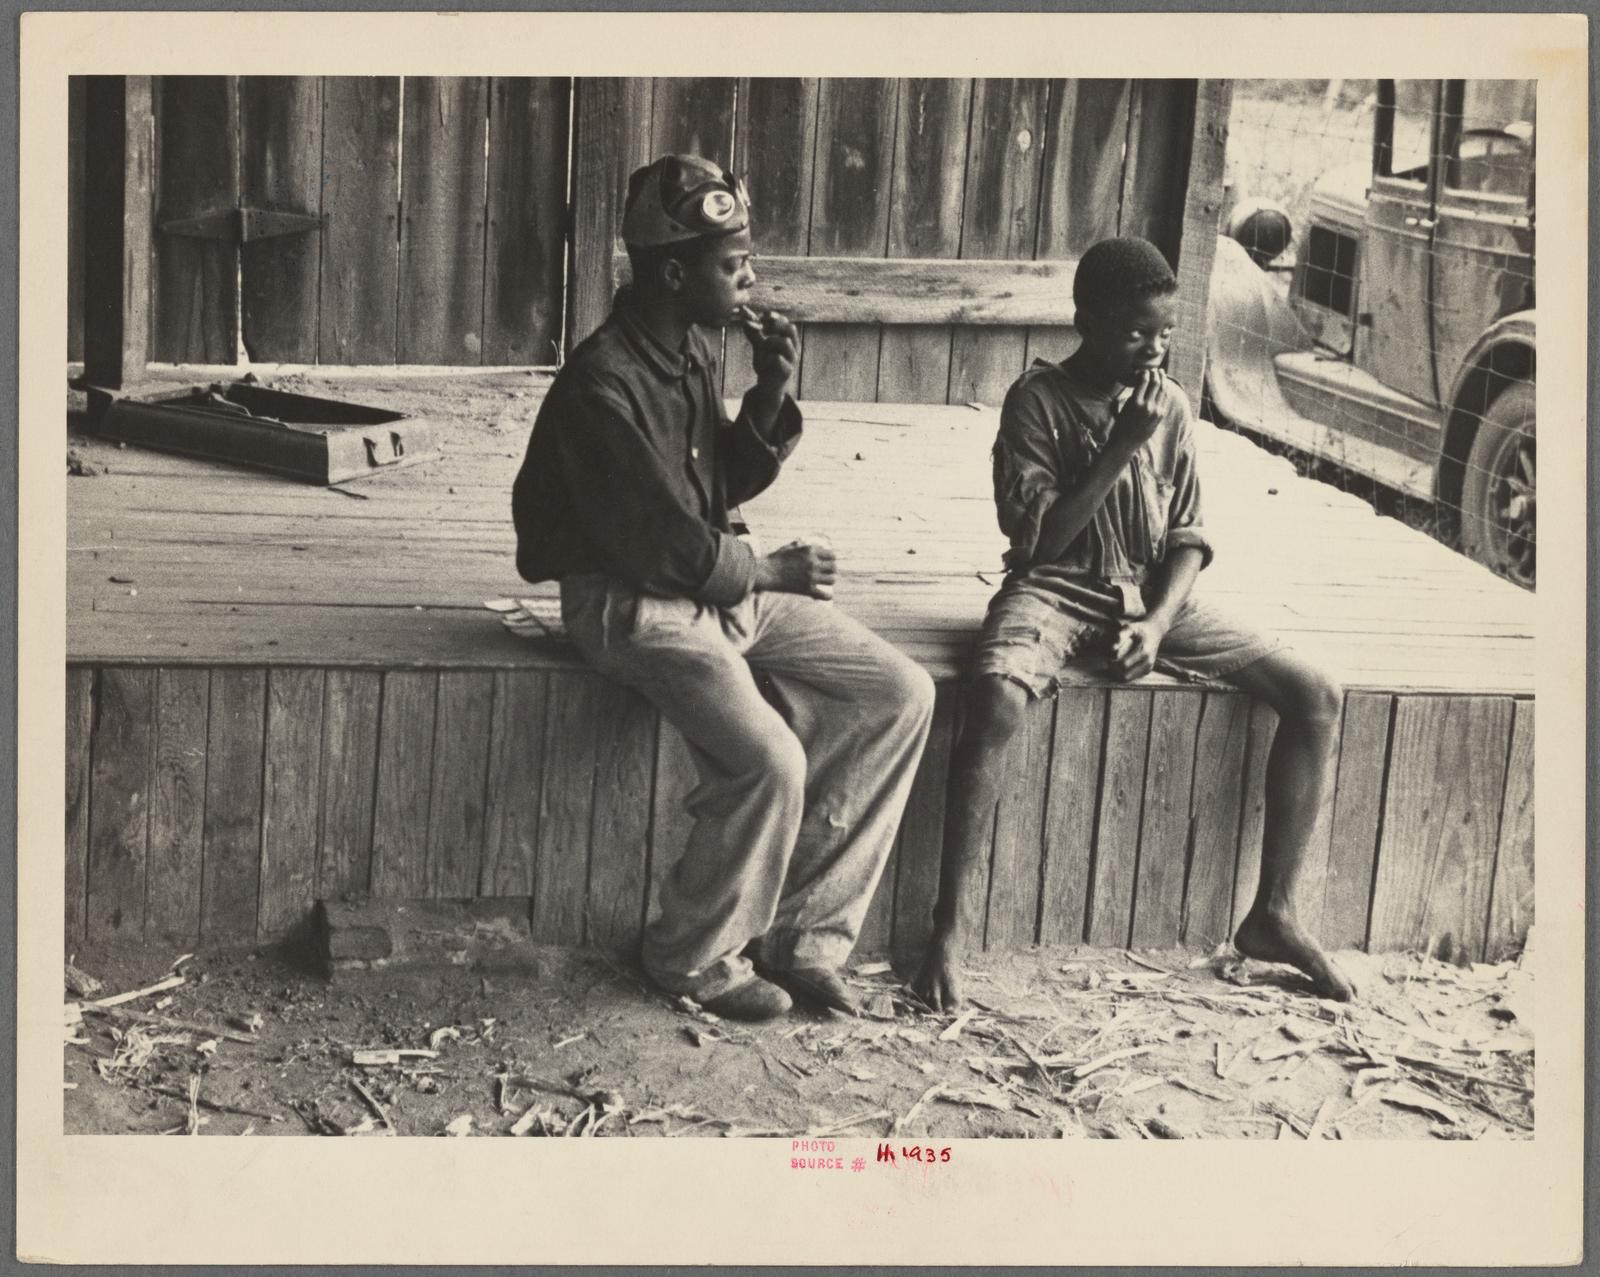 Homeless children, Natchez, Mississippi